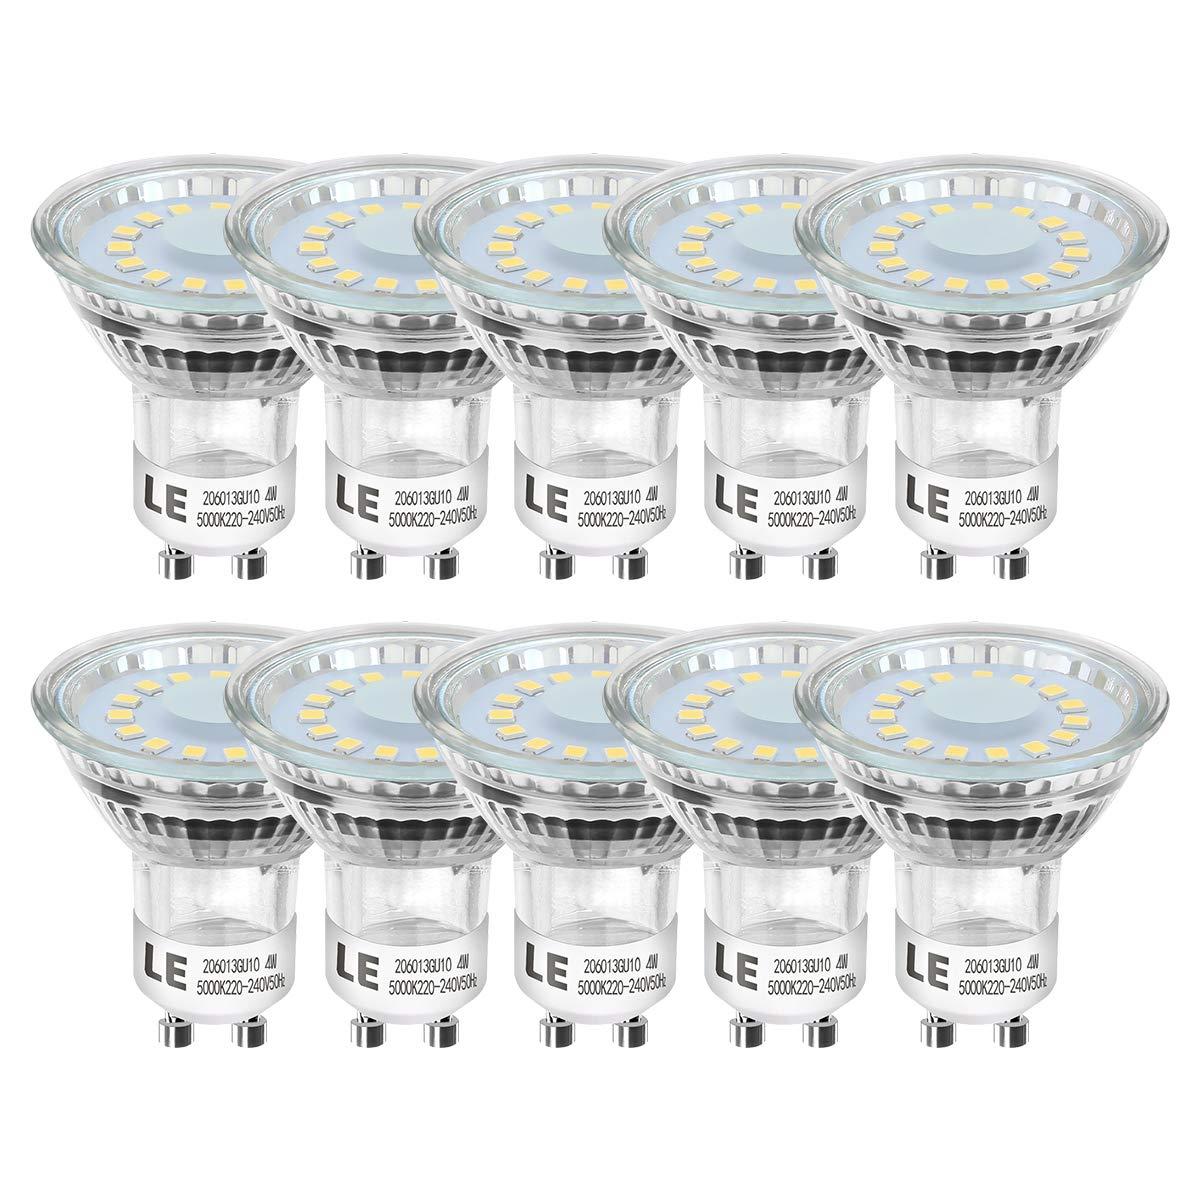 LE Bombillas LED, Foco GU10 4W Equivalente 50W Halógena 350lm Blanco Luz de Día,